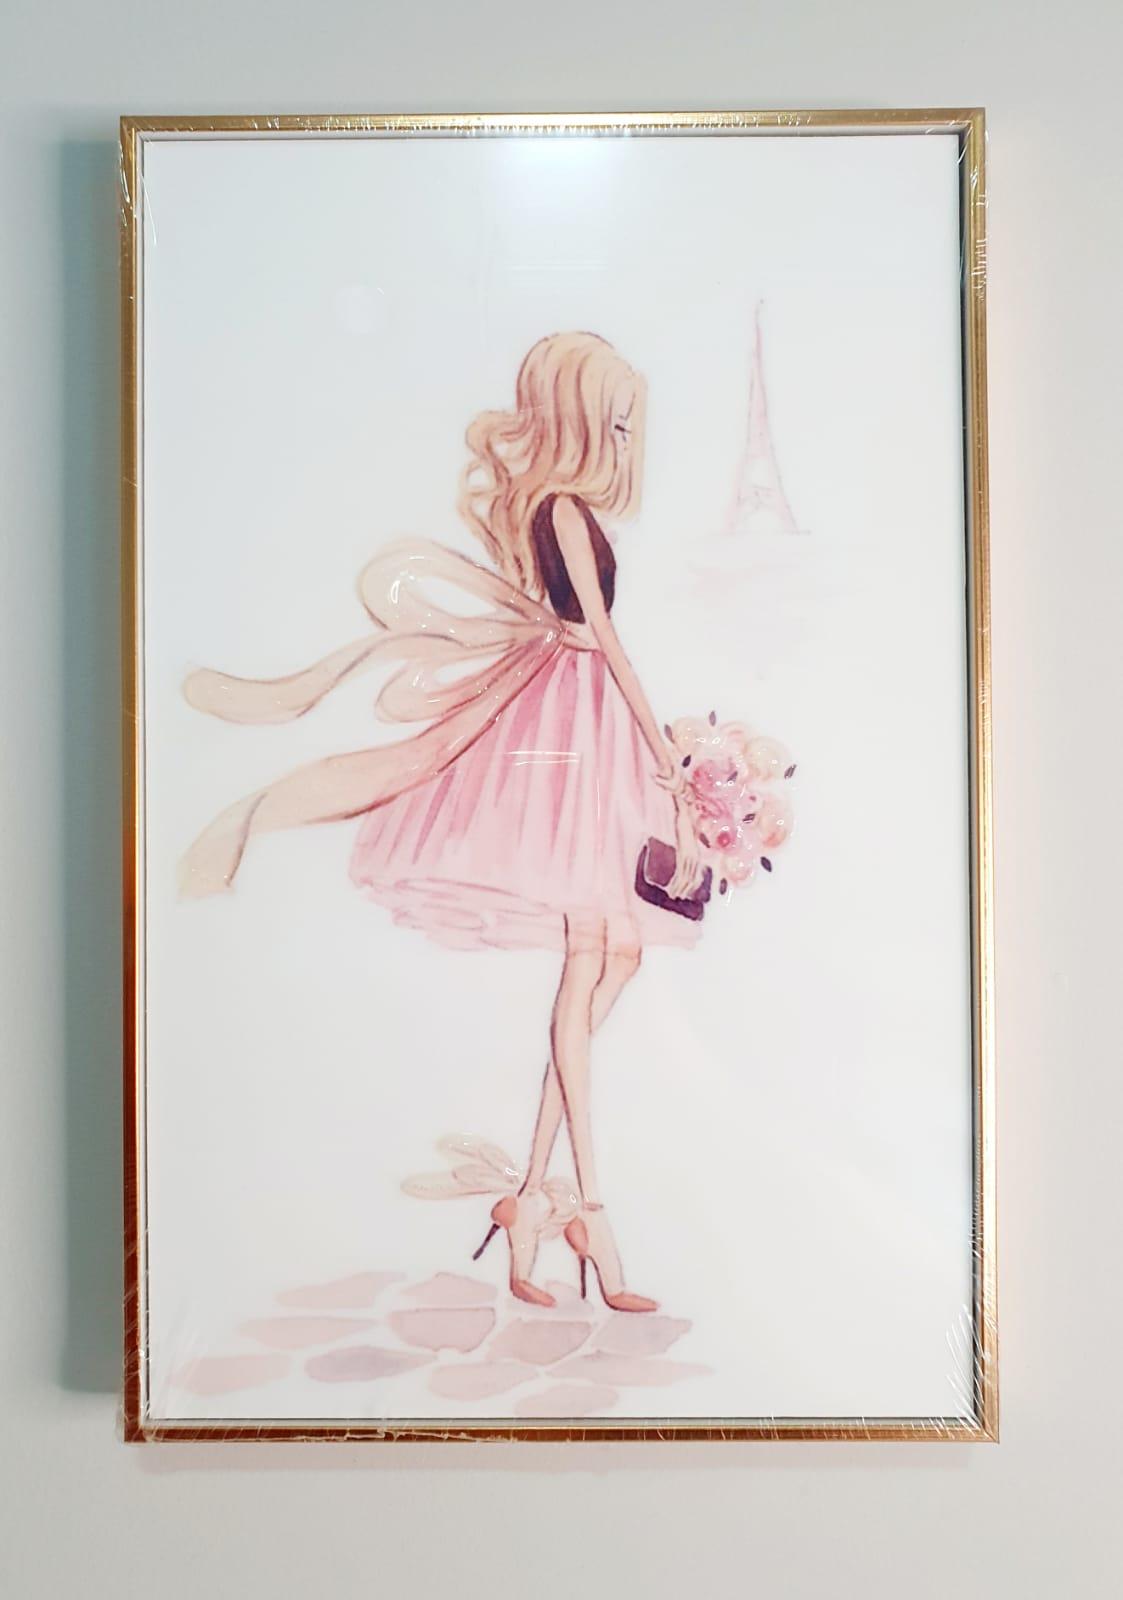 Quadro decorativo com moldura rose gold- Vestido com laço.